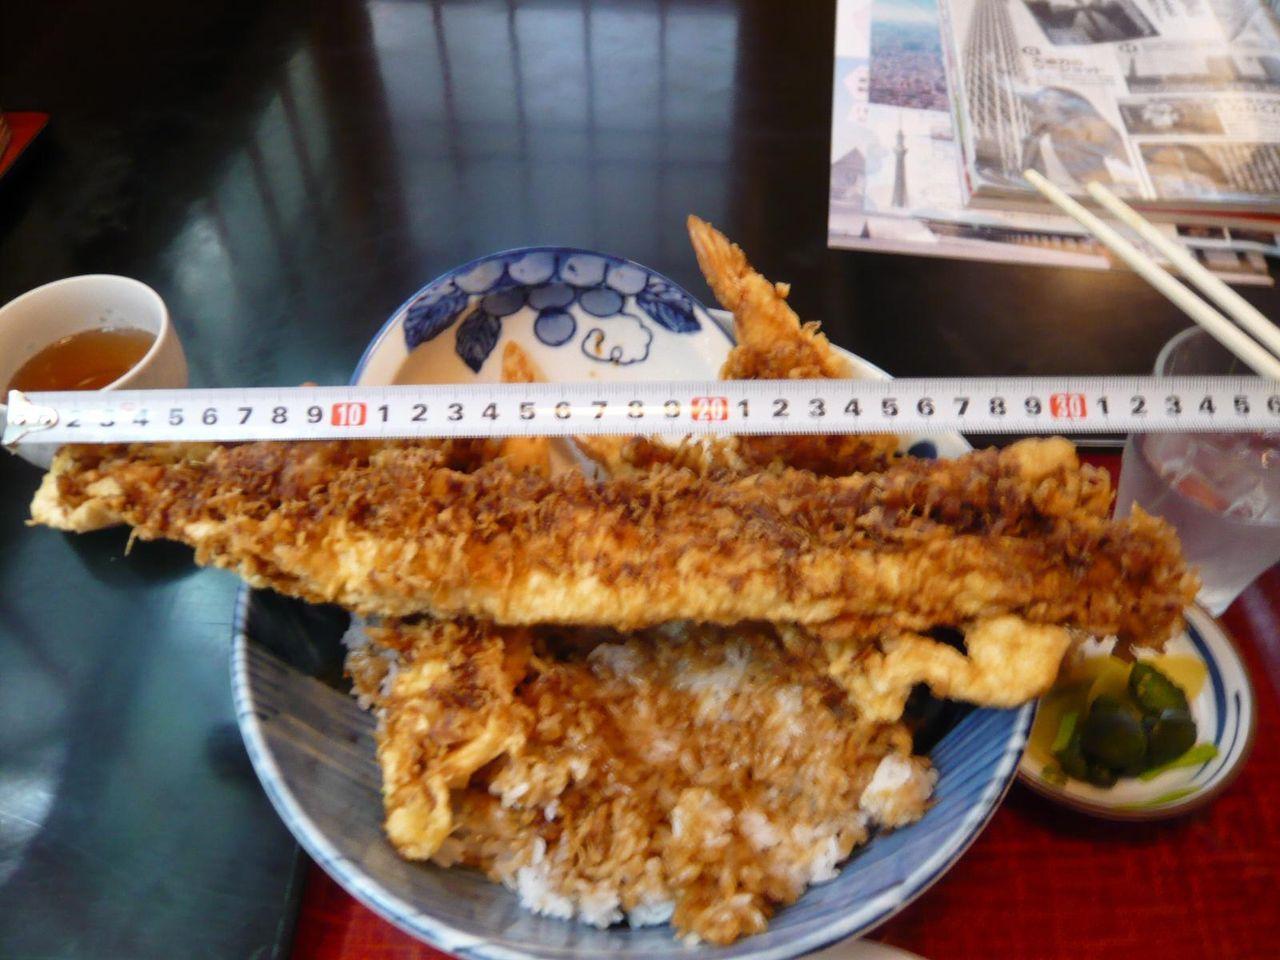 すみだタワー天丼は、直径34センチの超特大穴子天を使用!